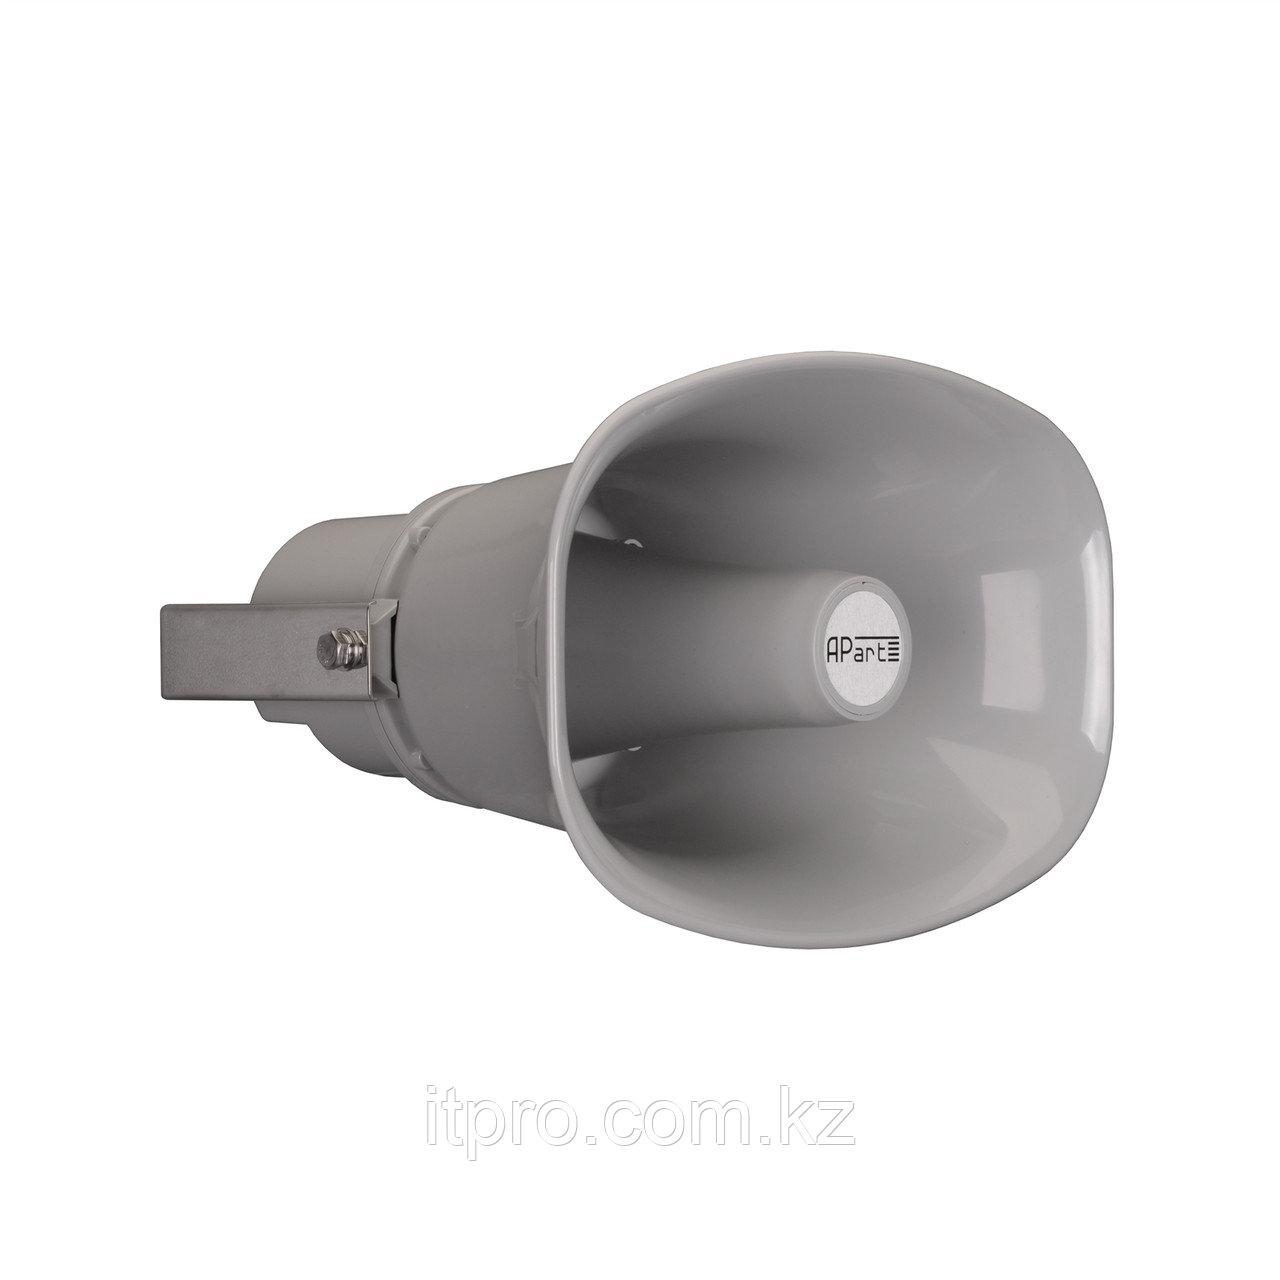 Рупорный громкоговоритель Apart H30LT-G